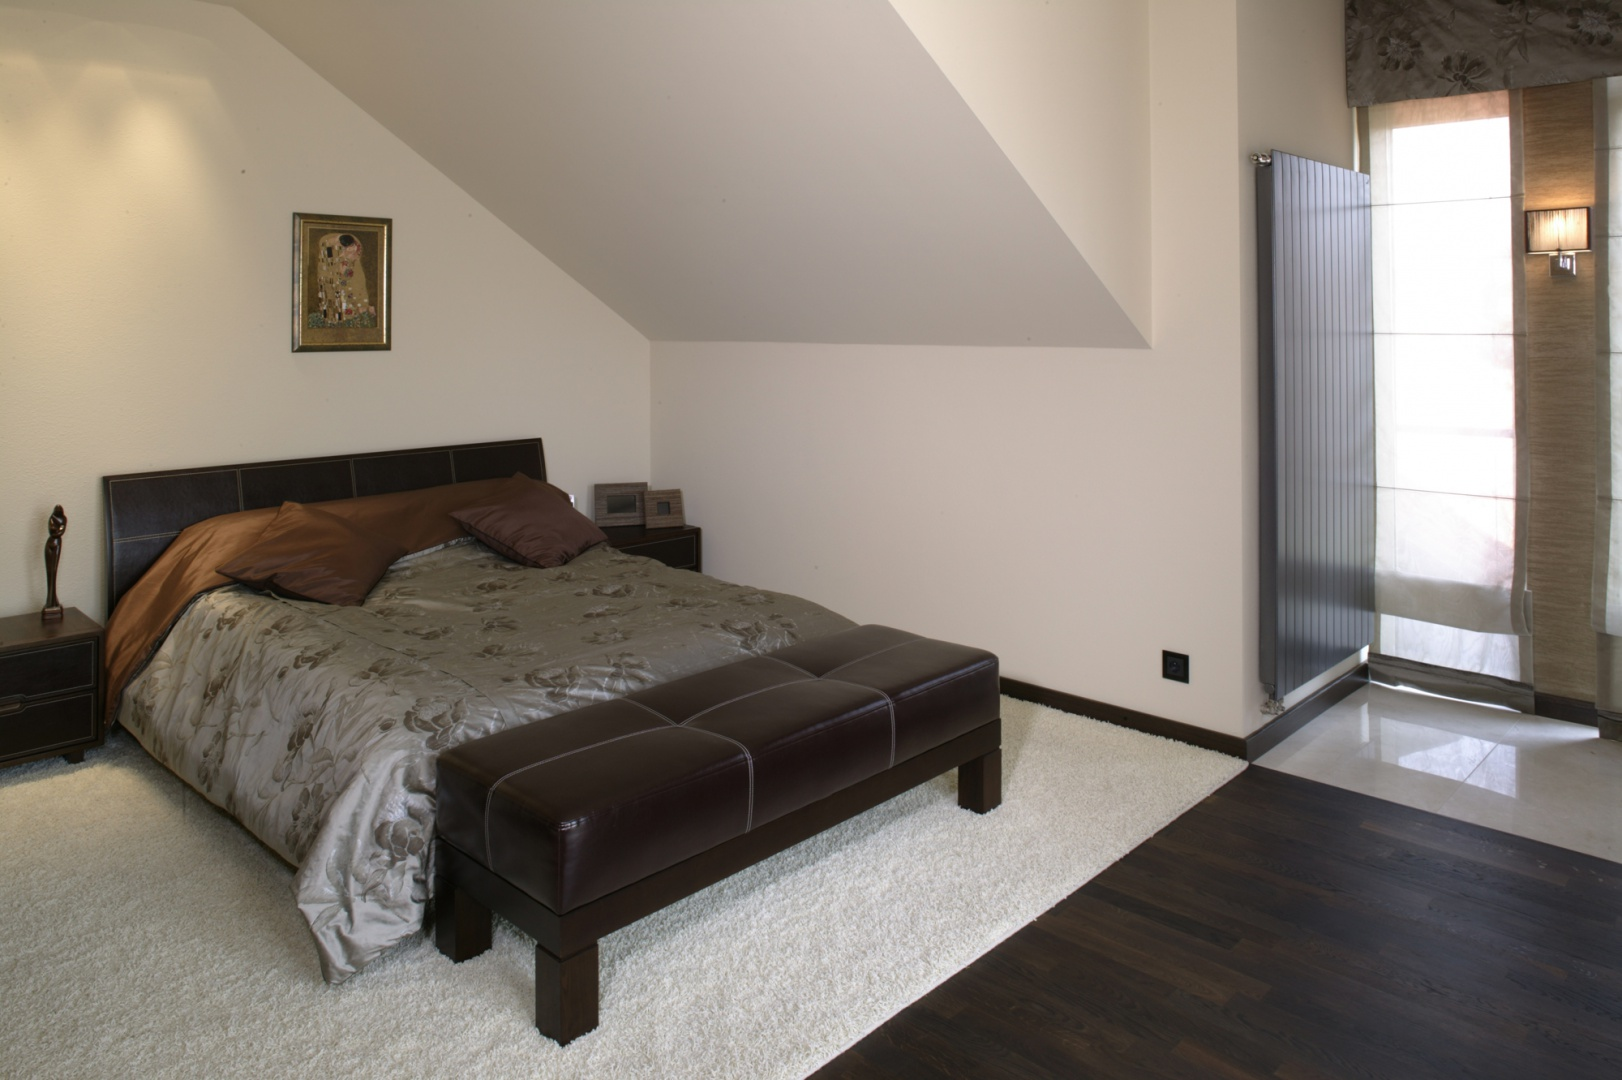 """Sypialnia to kolorystyczna oaza spokoju – bezpieczna i stonowana """"kawa ze śmietanką"""". Solidne, eleganckie meble, będące połączeniem drewna wenge i skóry, kontrastują z białym dywanem i jasnymi ścianami. Fot. Monika Filipiuk."""